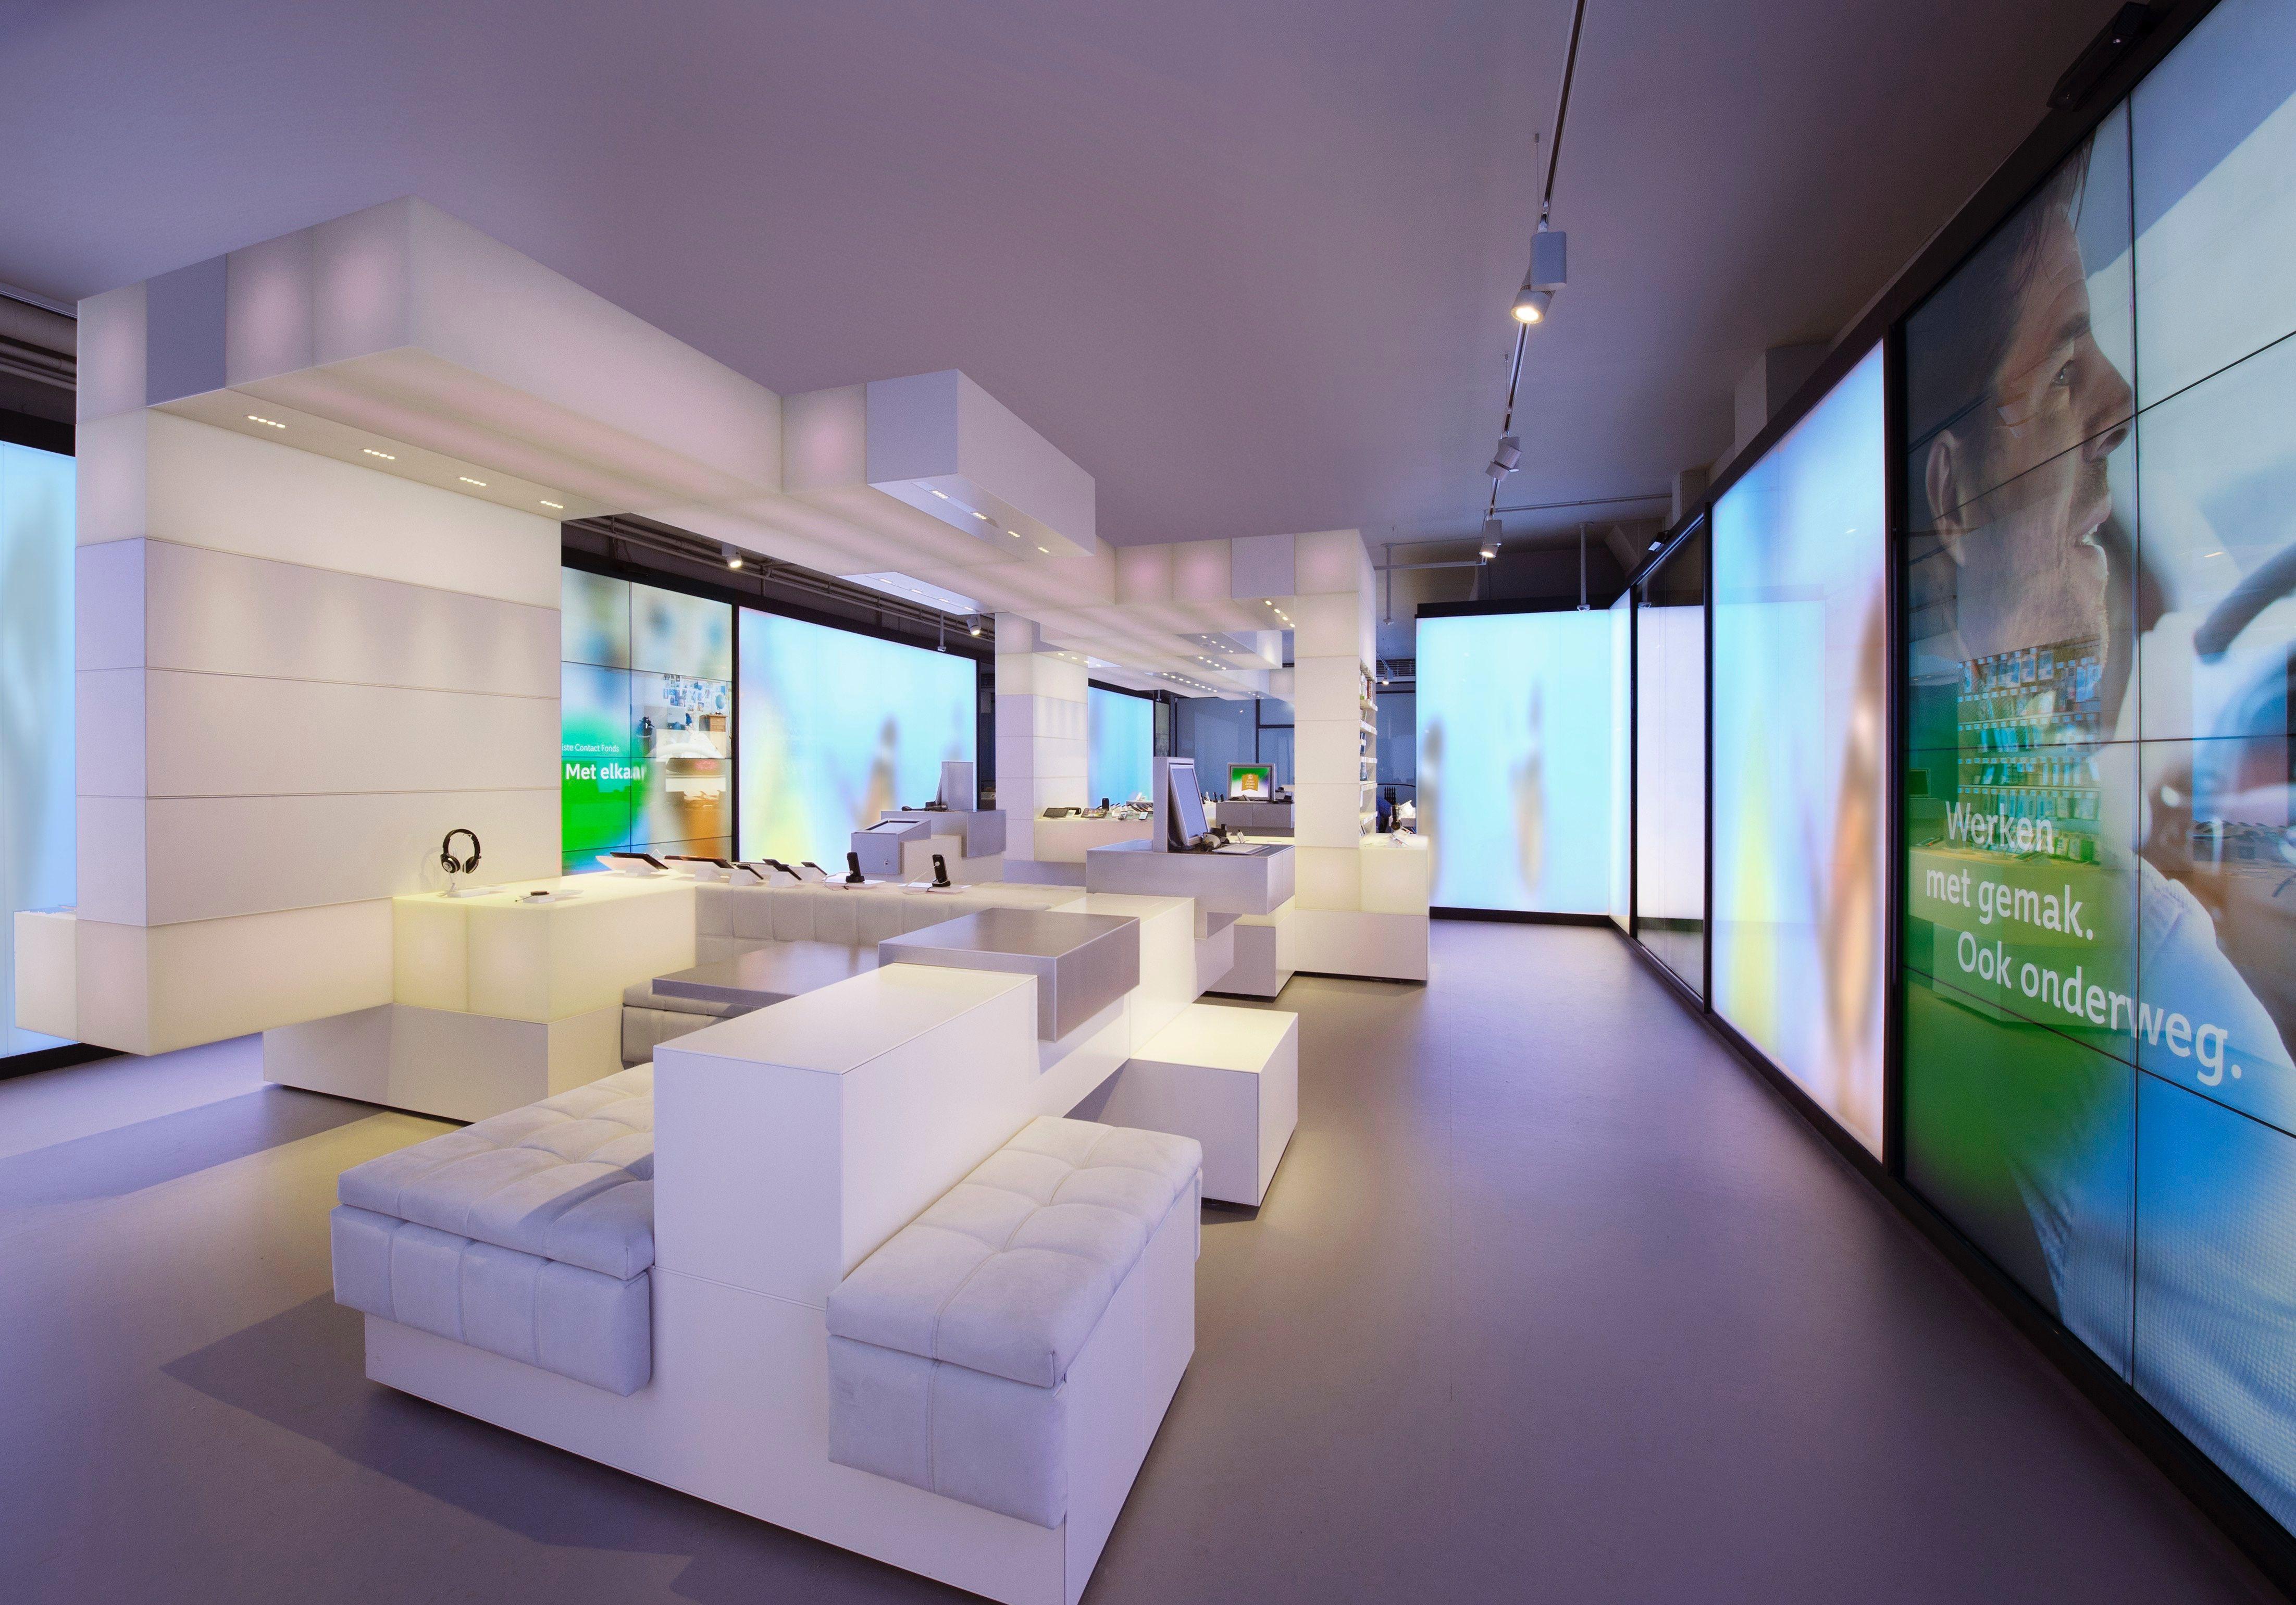 Meubel Den Haag : Mmp maatwerk meubel producties interieur kpn den haag